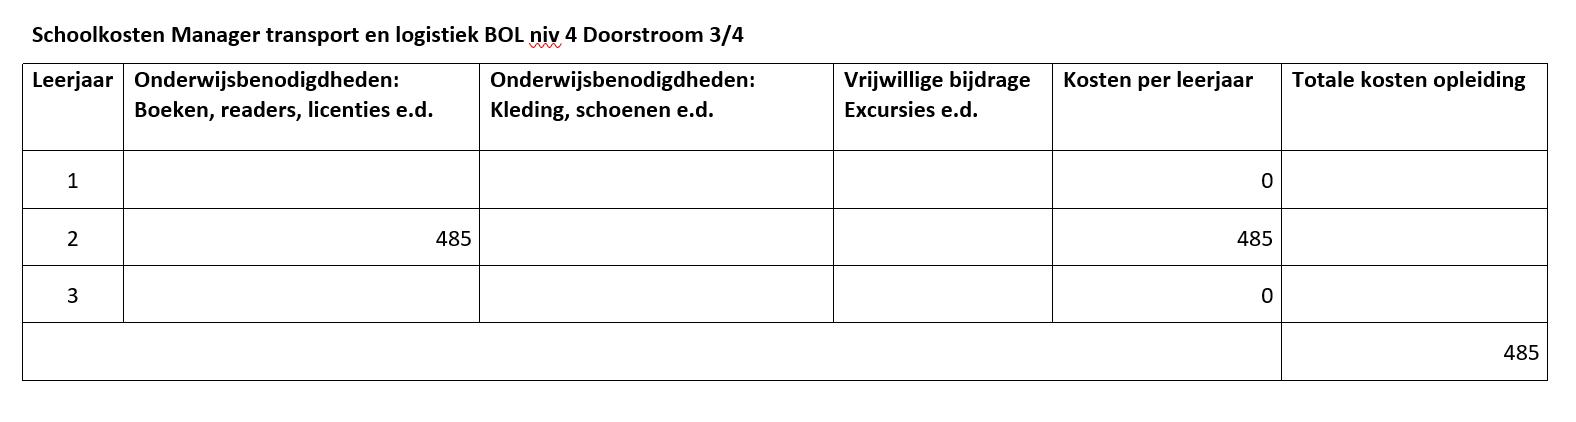 man trans log doorstr